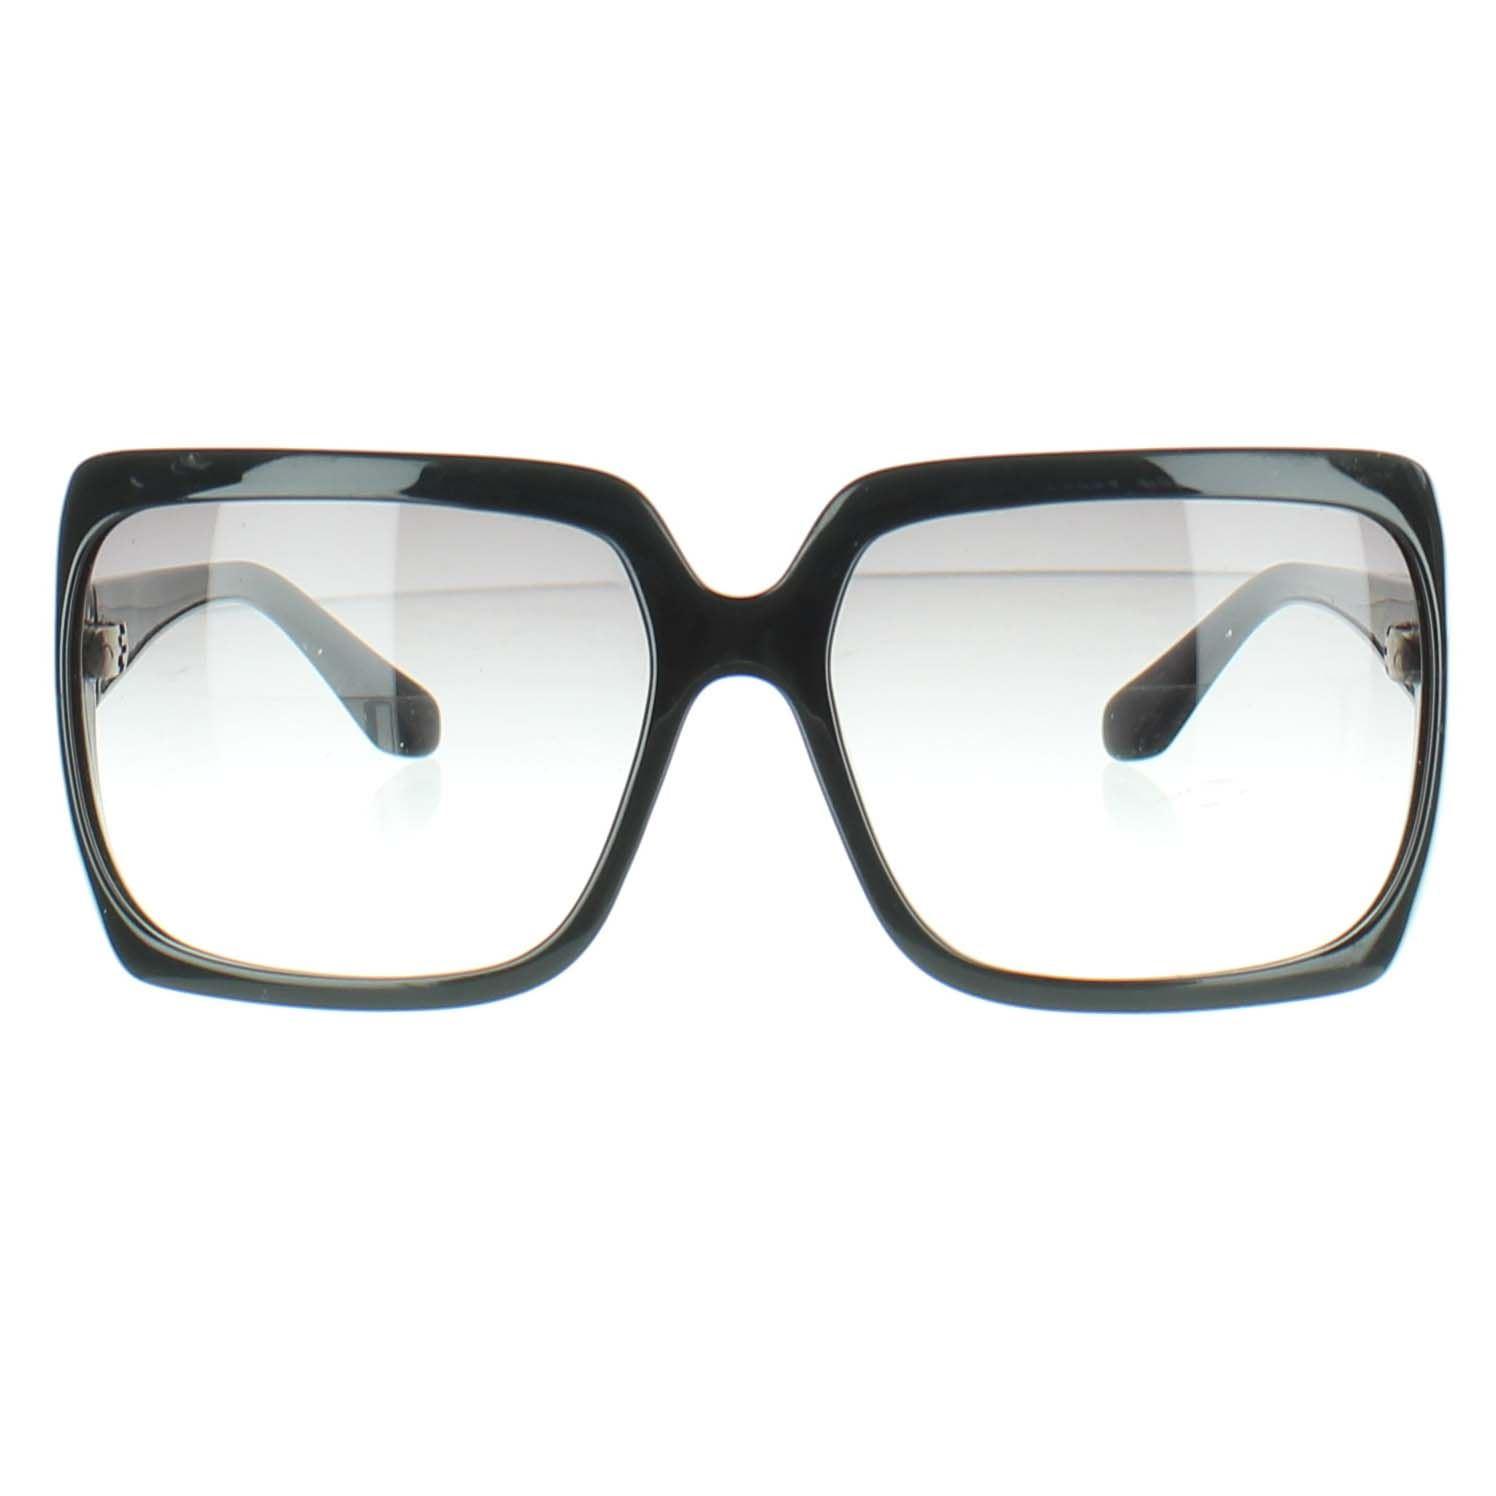 comprare on line 7c90b bf588 Dettagli su GIVENCHY Occhiali da sole neri di plastica